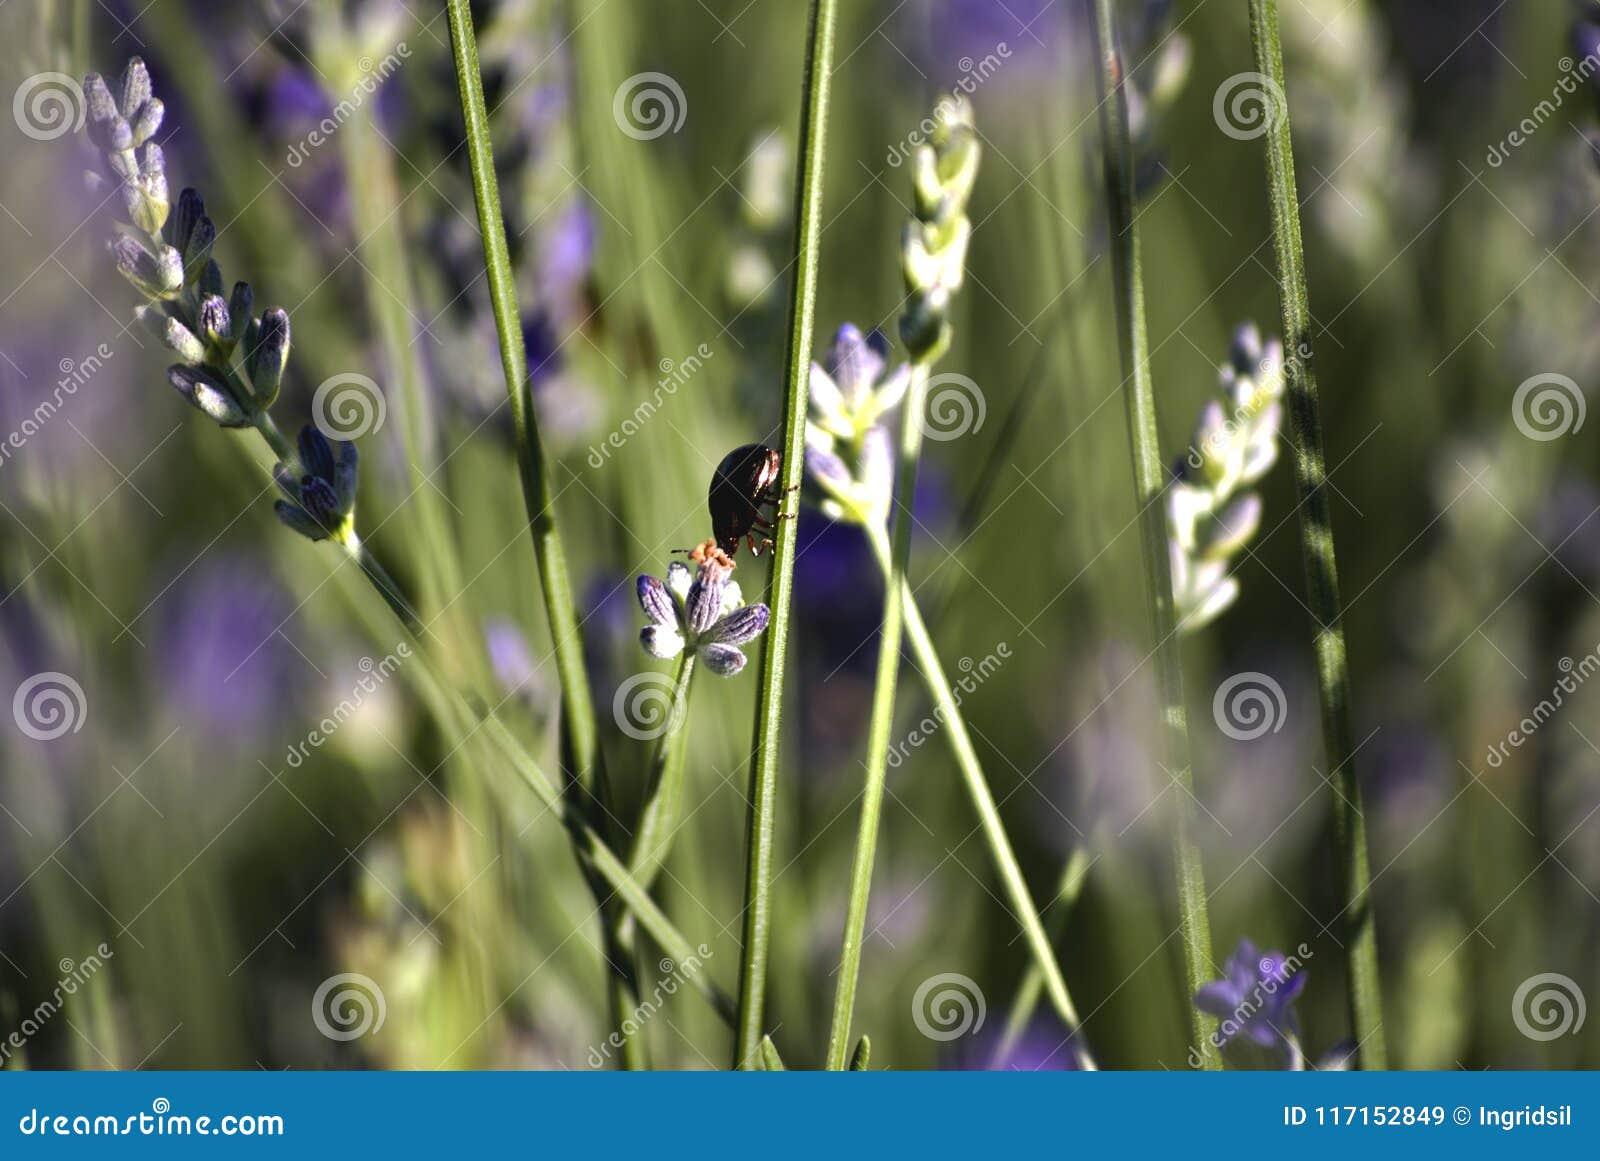 Campos con filas de la lavanda, con un insecto sobre una flor Bokeh Primer